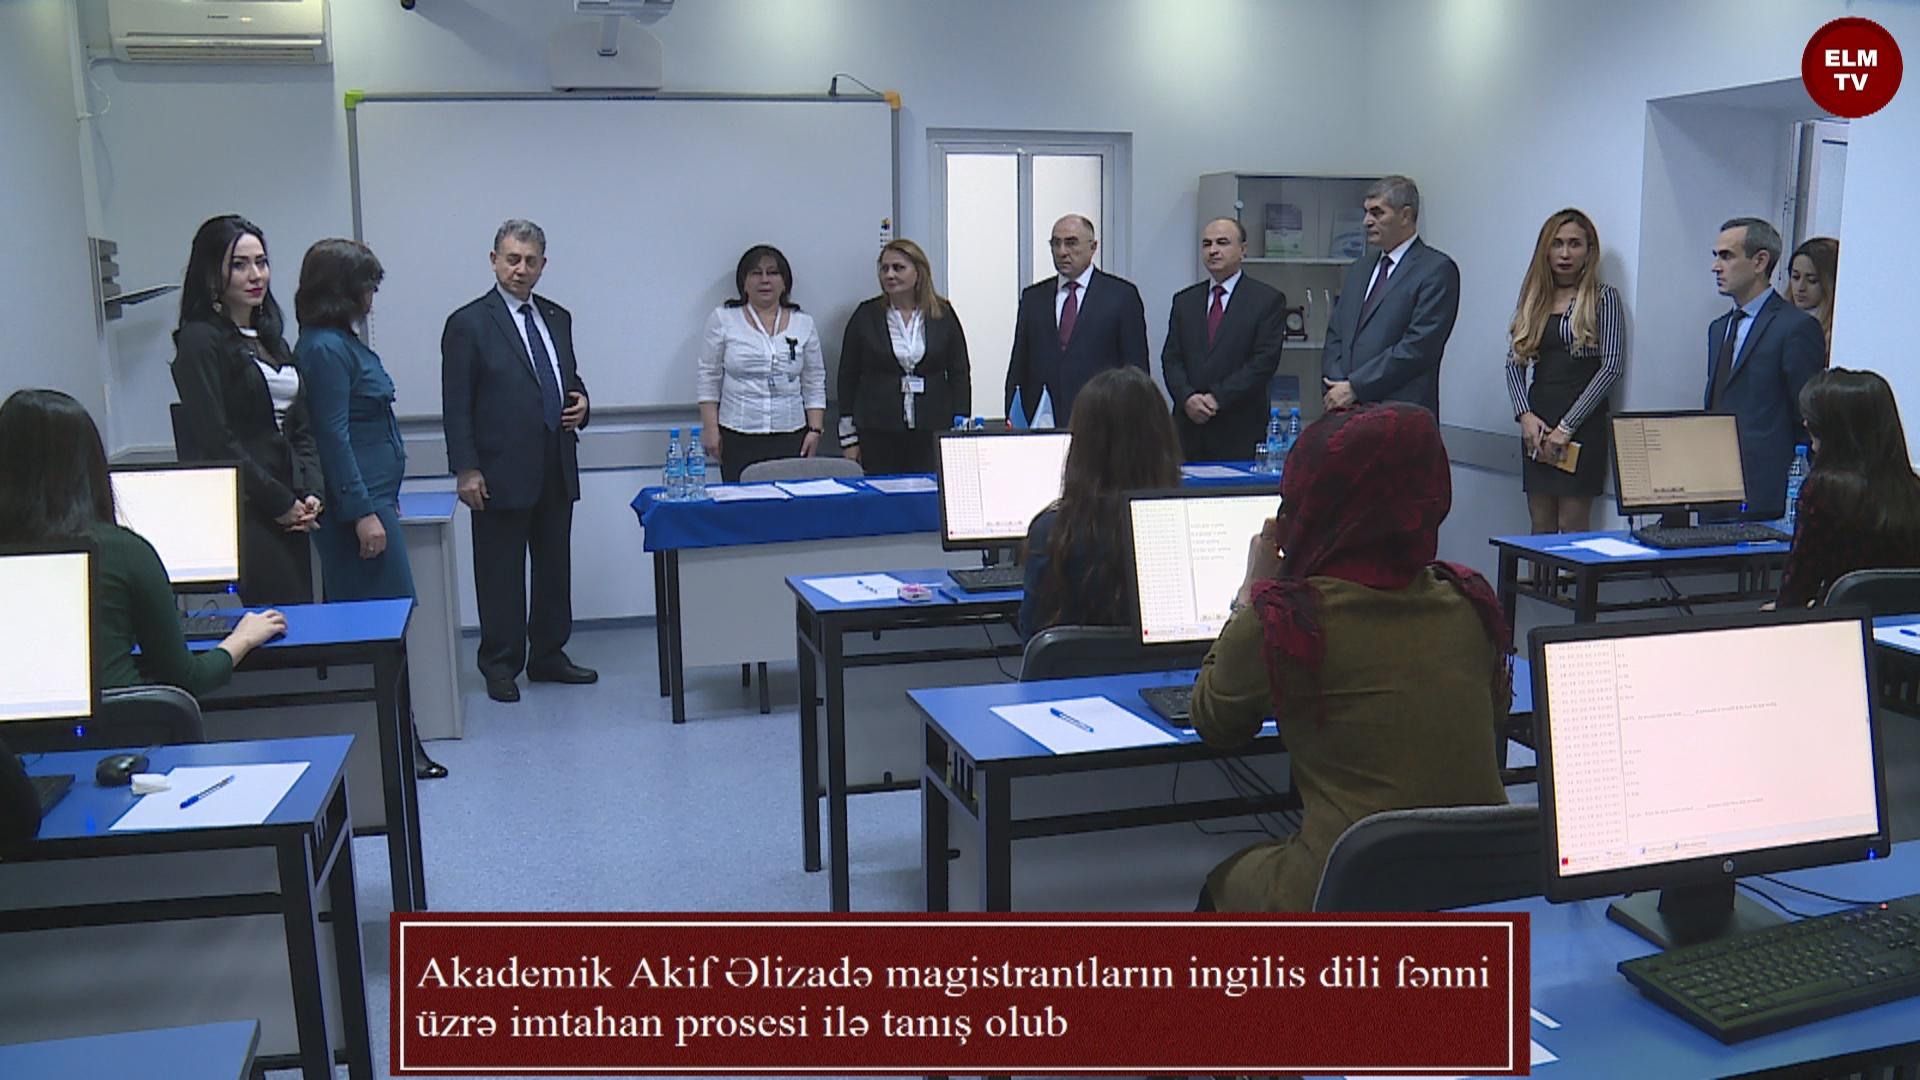 Akademik Akif Əlizadə magistrantların ingilis dili fənni üzrə imtahan prosesi ilə tanış olub